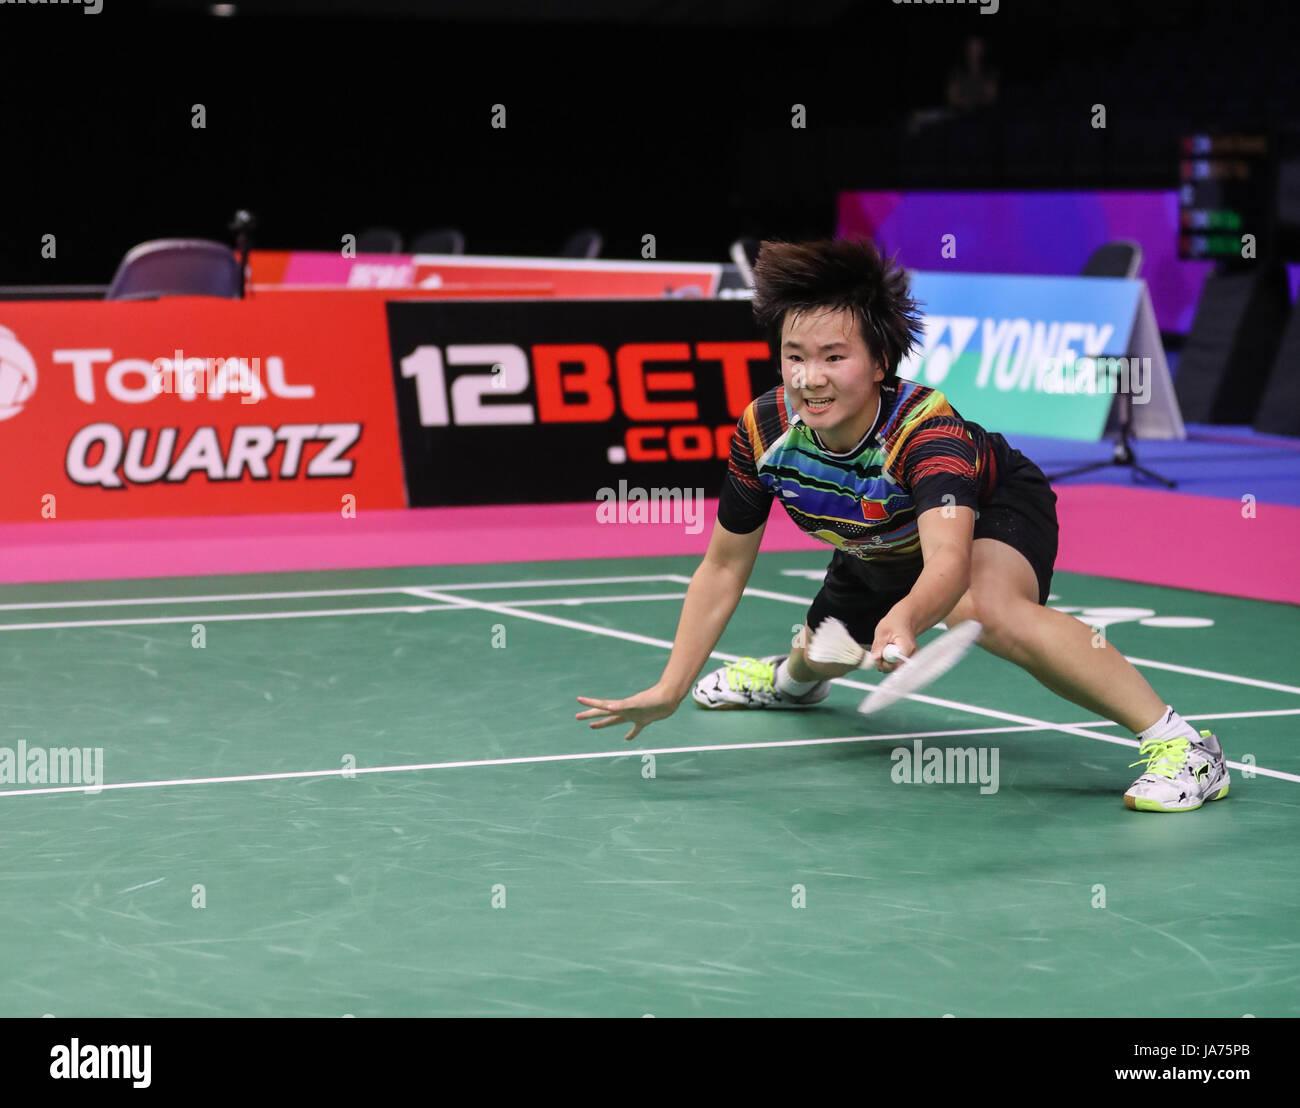 GLASGOW Aug 25 2017 Xinhua He Bingjiao of China